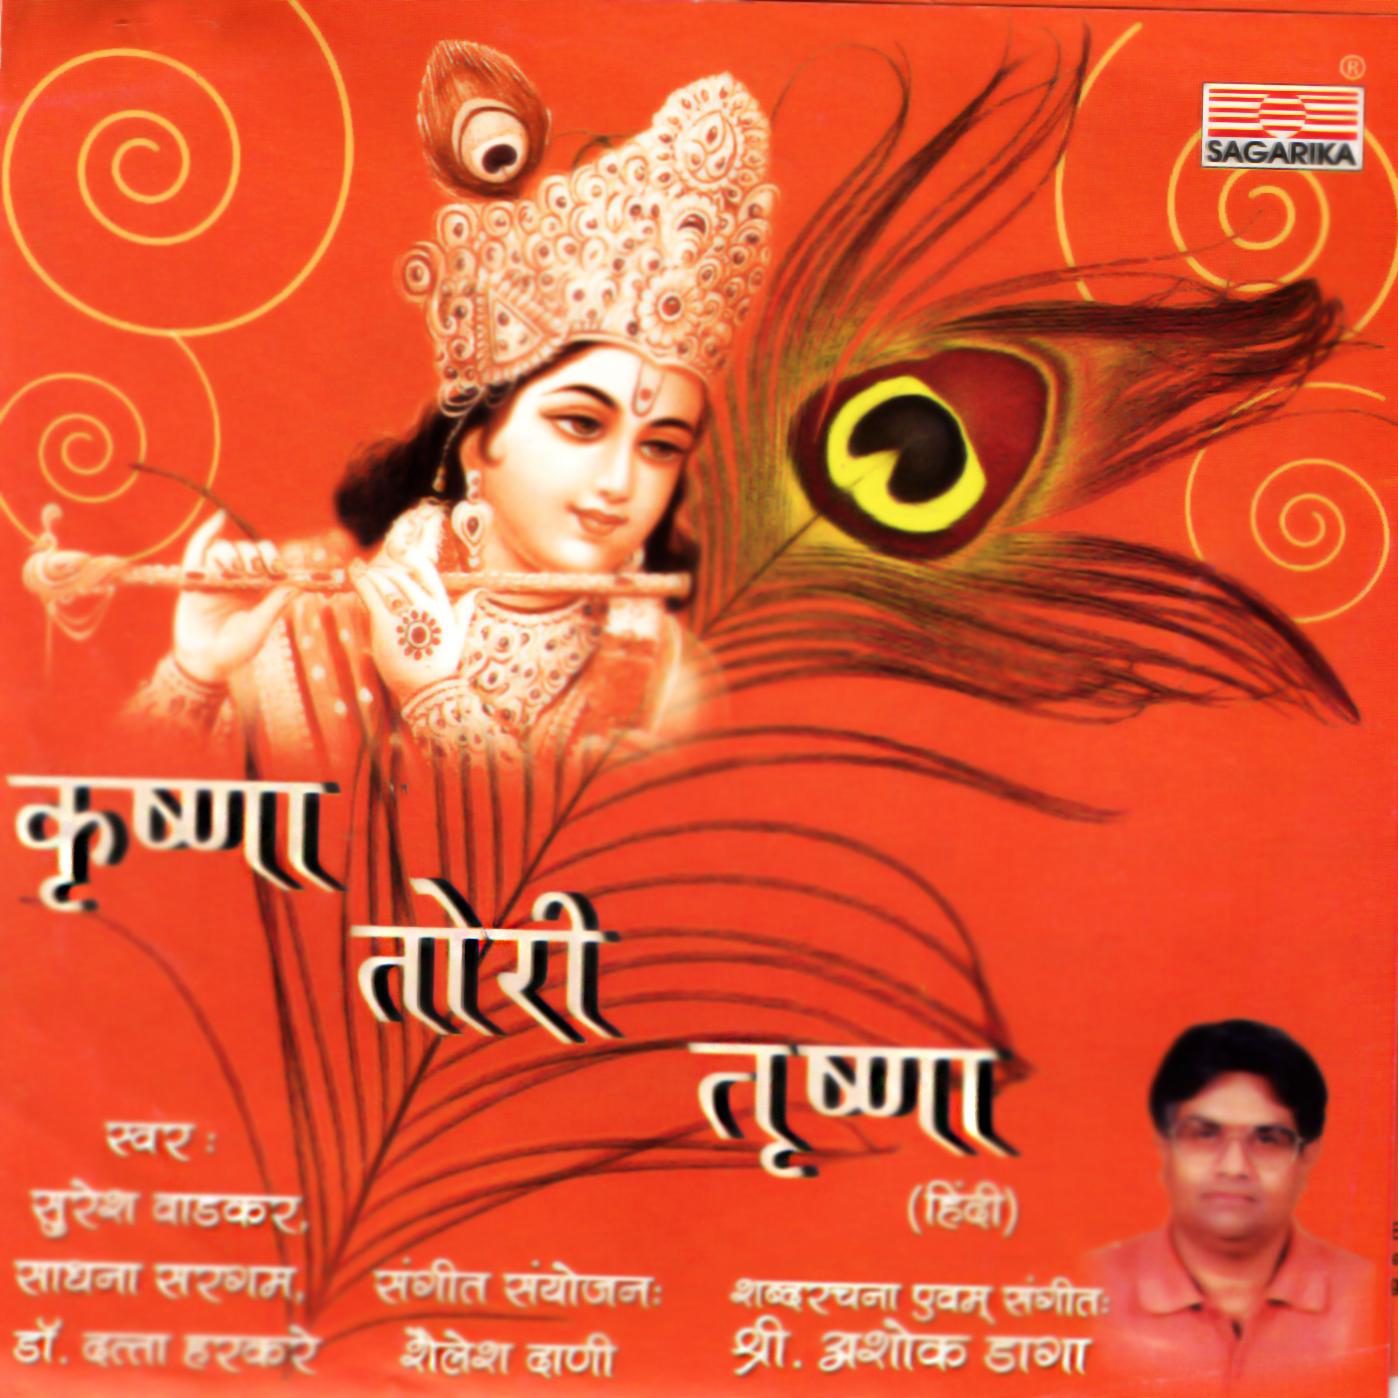 Krishna Tori Trishna